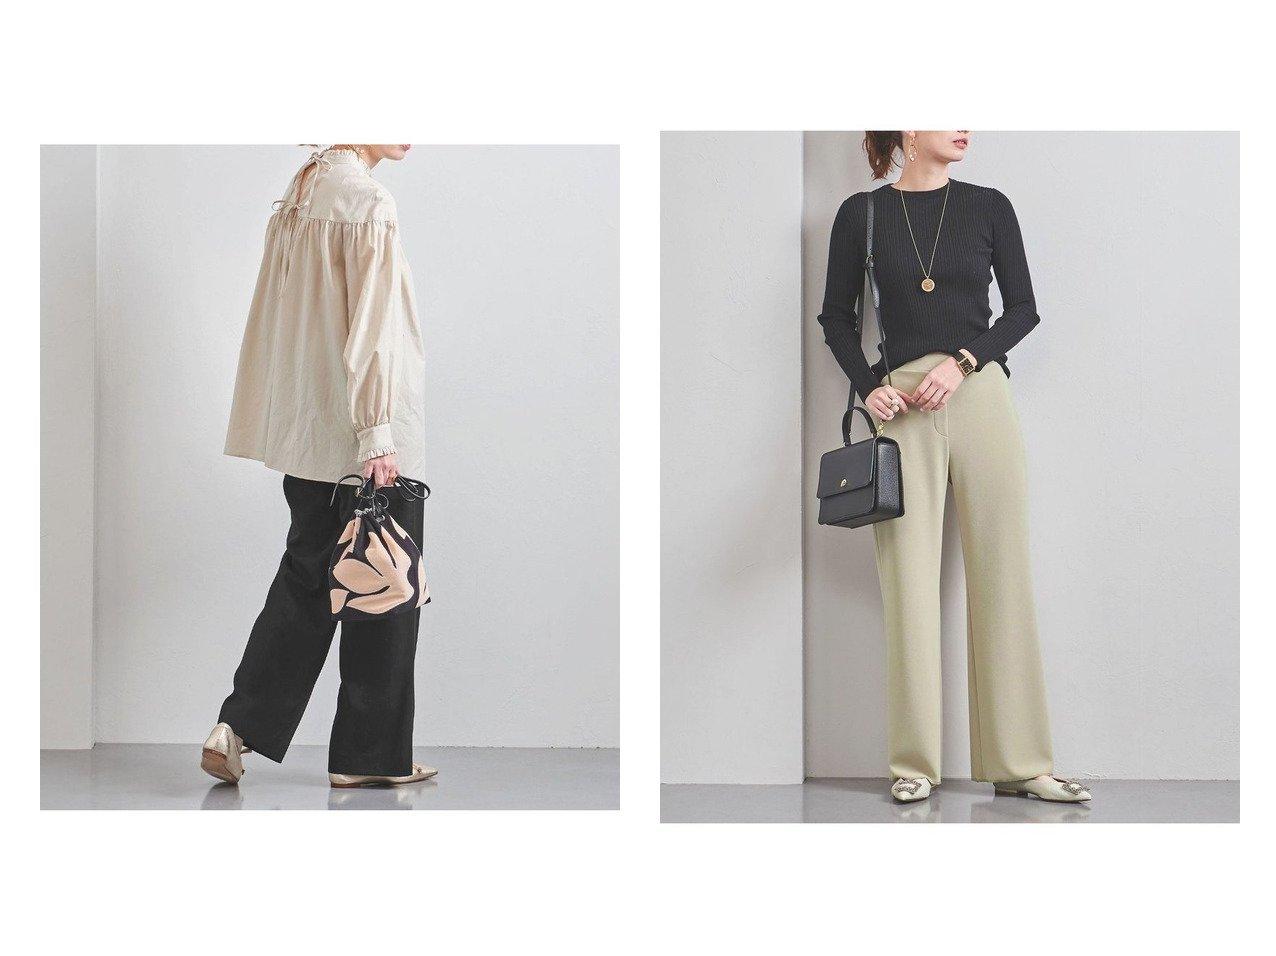 【UNITED ARROWS/ユナイテッドアローズ】のUWMSC W ドローストリング イージーパンツ&WEB限定 UWSC ジャージー フレアパンツ パンツおすすめ!人気、トレンド・レディースファッションの通販 おすすめで人気の流行・トレンド、ファッションの通販商品 メンズファッション・キッズファッション・インテリア・家具・レディースファッション・服の通販 founy(ファニー) https://founy.com/ ファッション Fashion レディースファッション WOMEN パンツ Pants NEW・新作・新着・新入荷 New Arrivals ジーンズ ストレート ドローストリング パッチ ポケット リラックス |ID:crp329100000011306